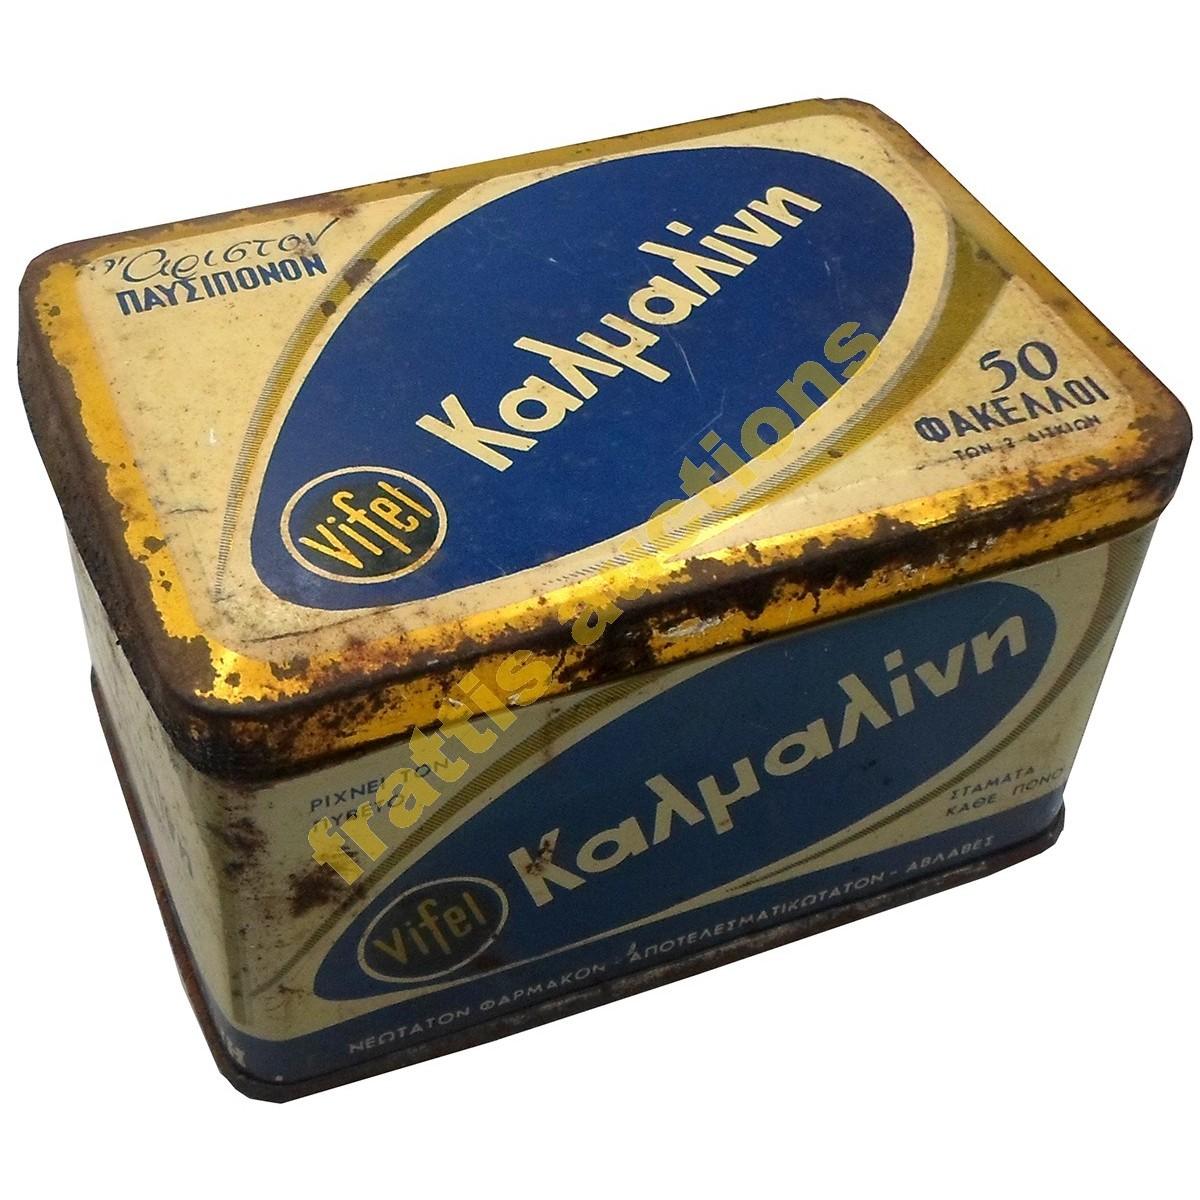 Καλμαλίνη, μεταλλικό κουτί.